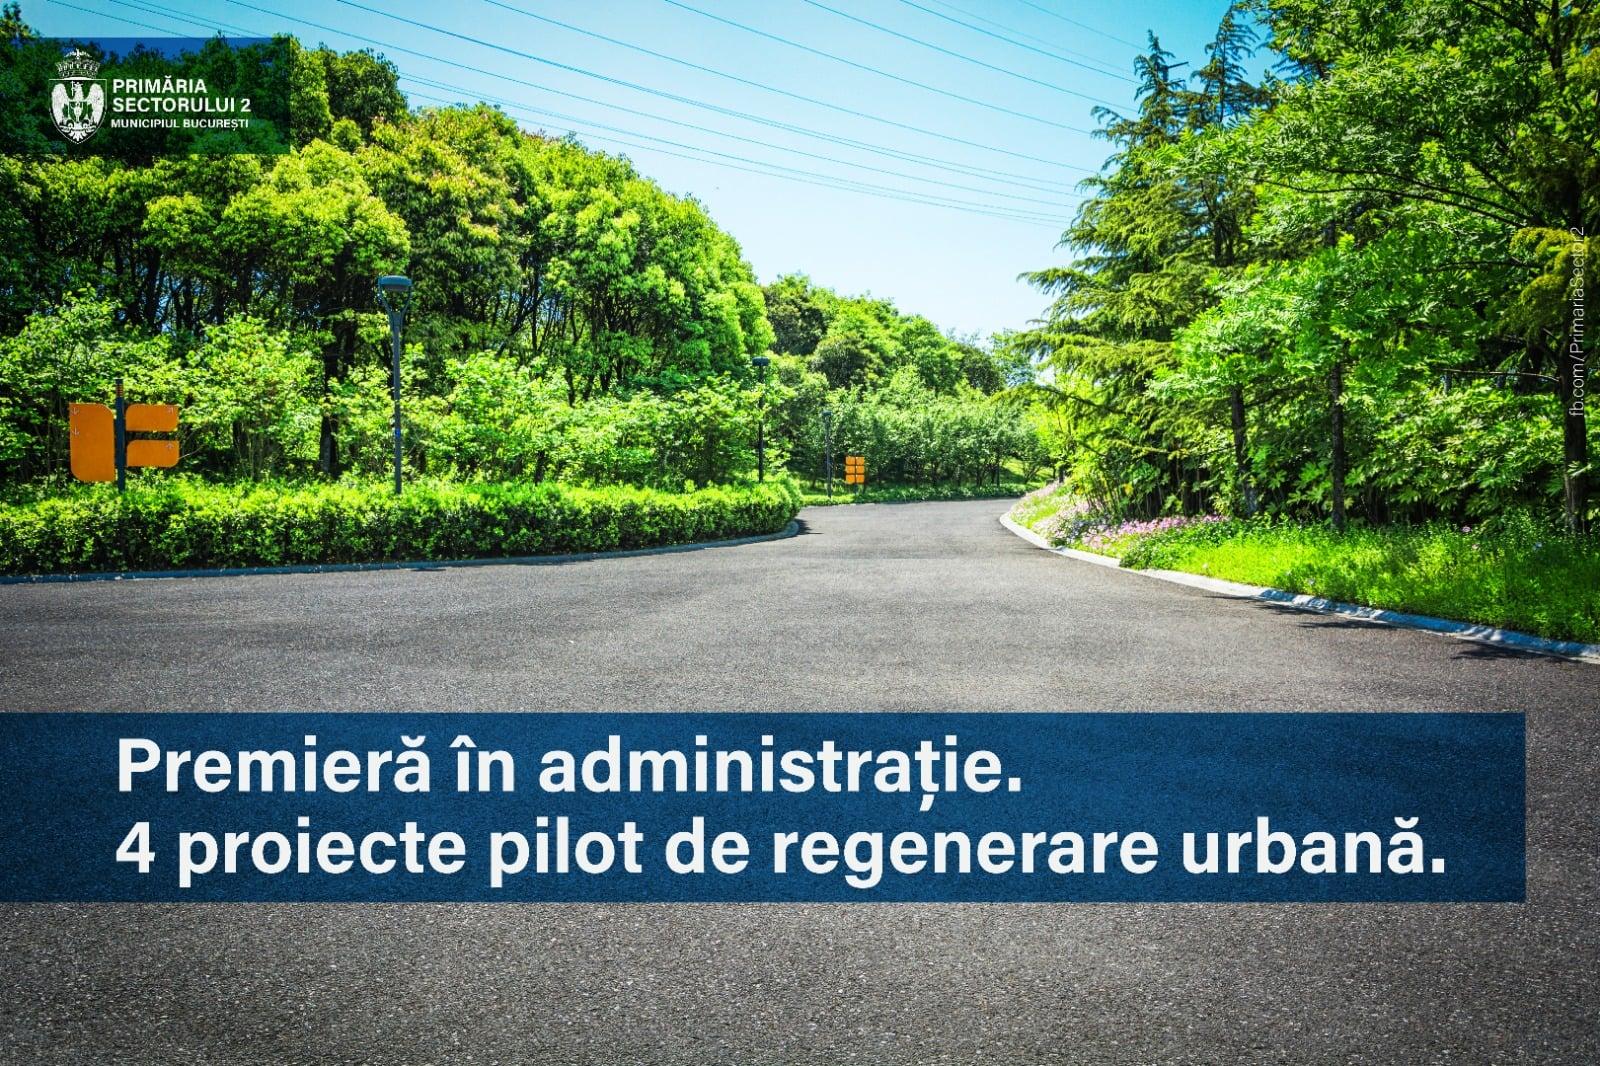 Amenajarea și regenerarea spațiului urban din Sectorul 2. Radu Mihaiu îi invită pe cetățeni la dialog